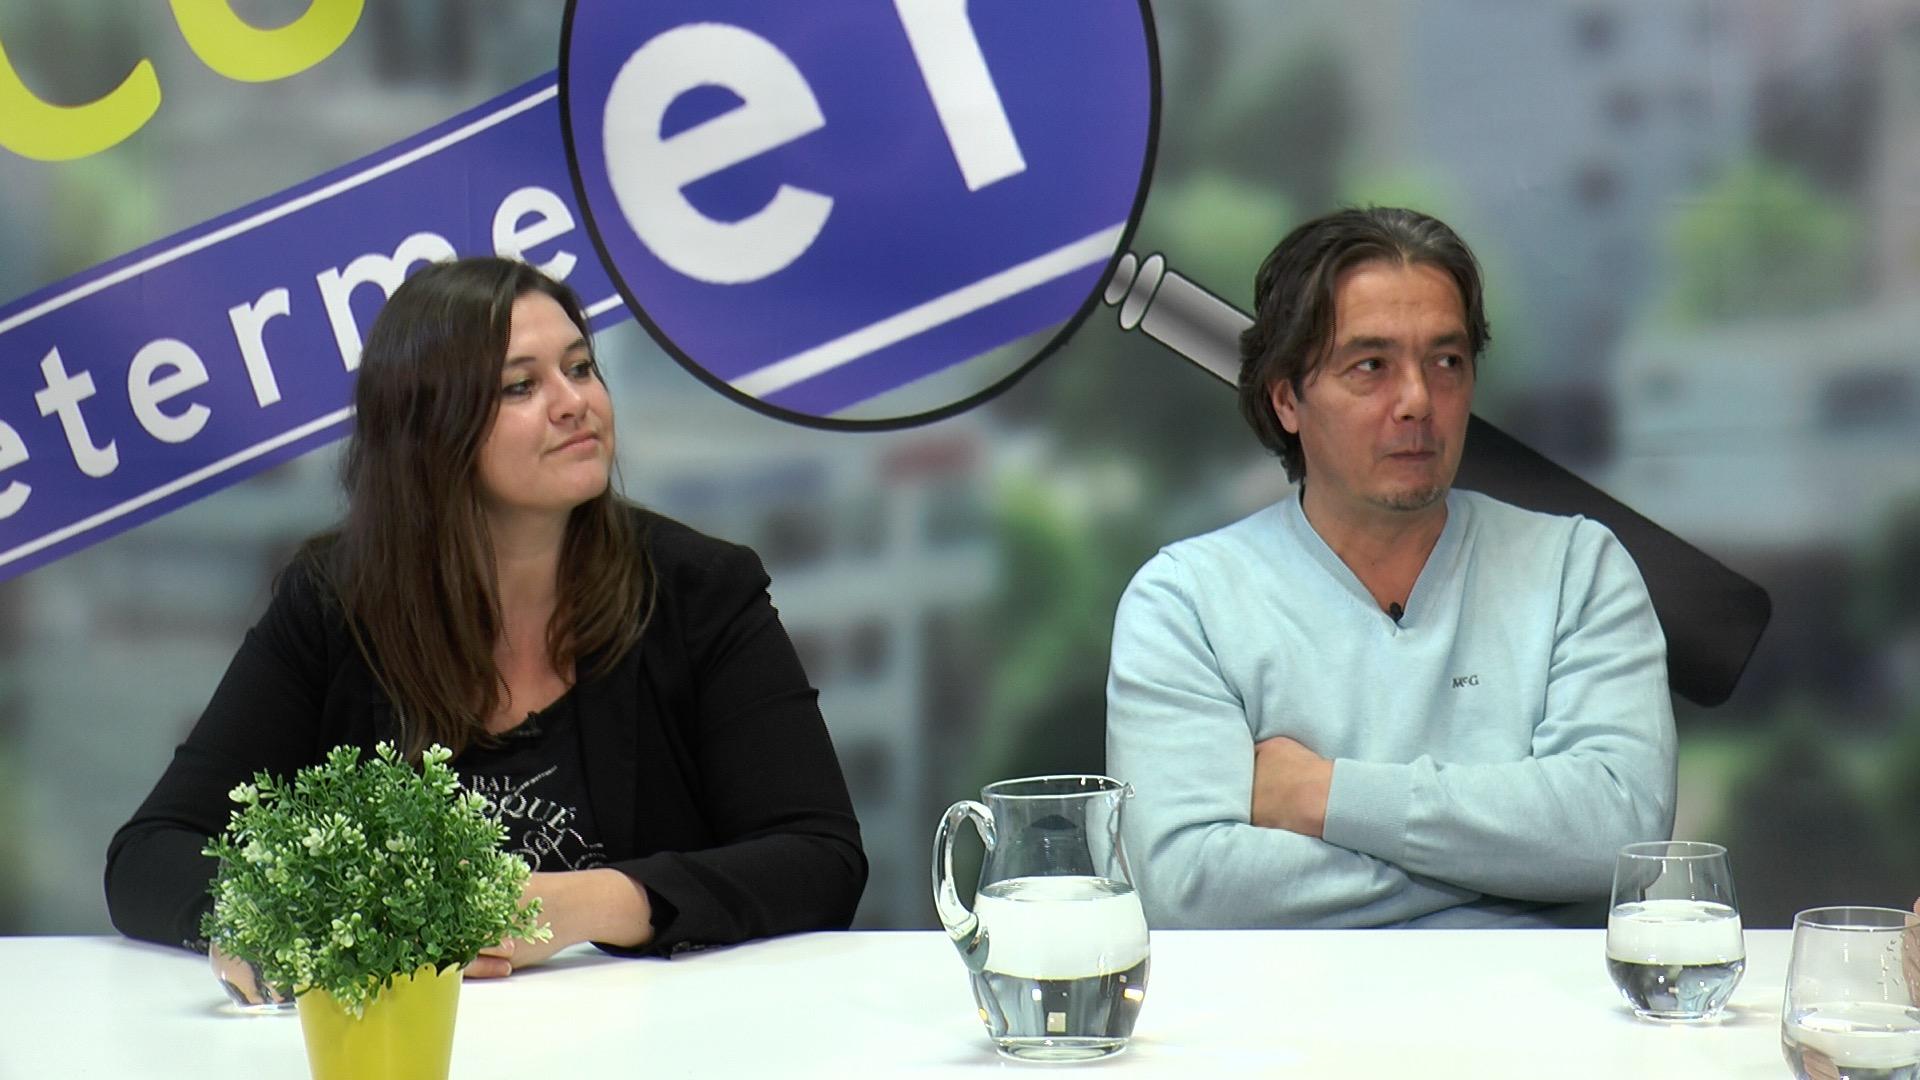 Focus op Zoetermeer (Jaargang 2 Aflevering 1)